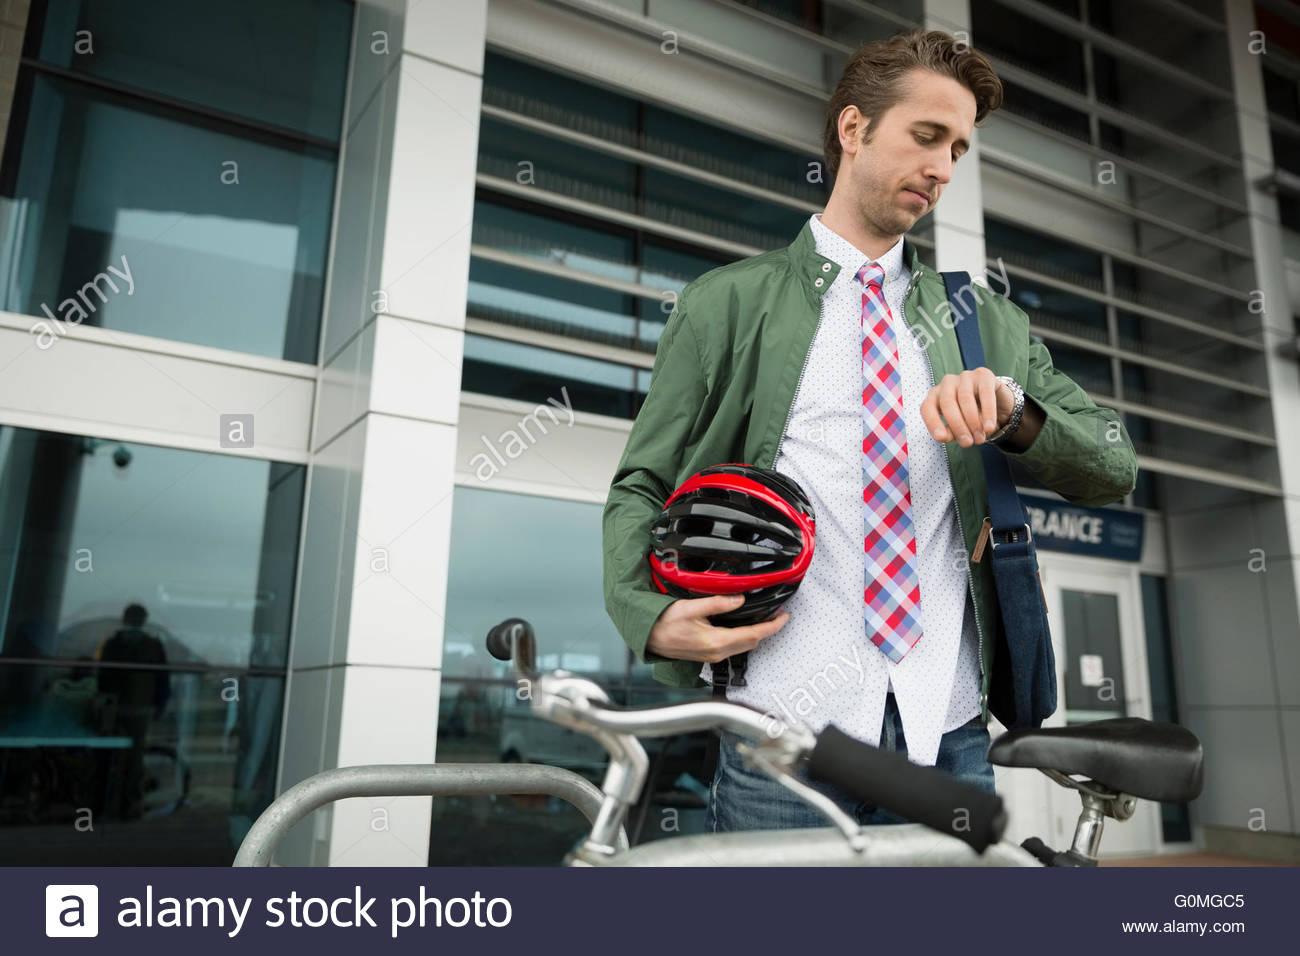 Hombre con bicicleta y casco control reloj de pulsera Imagen De Stock